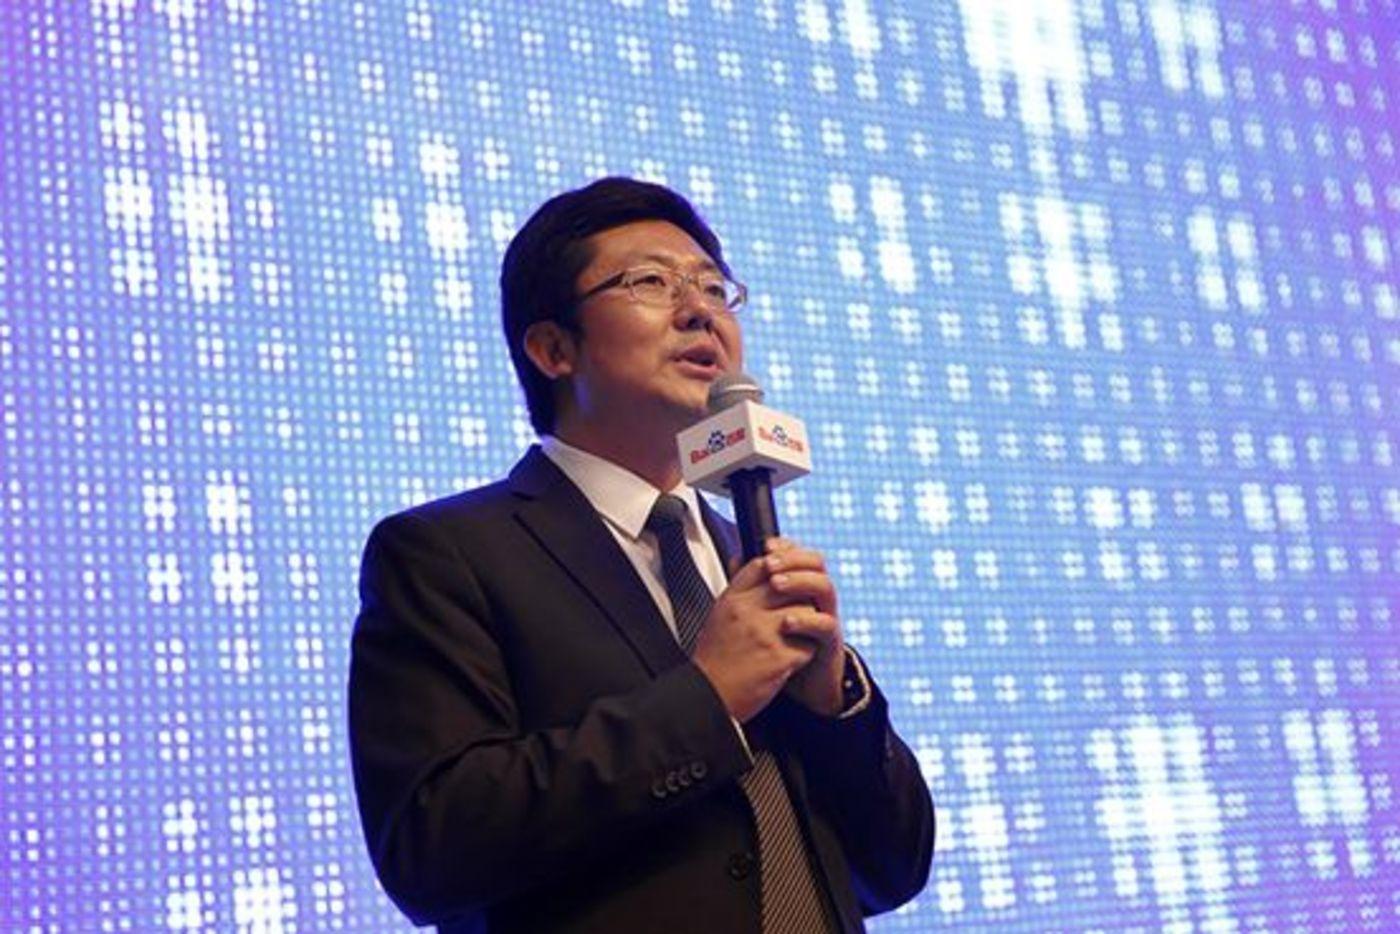 朱光在接手FSG之前,负责的大都是公关方面事宜。